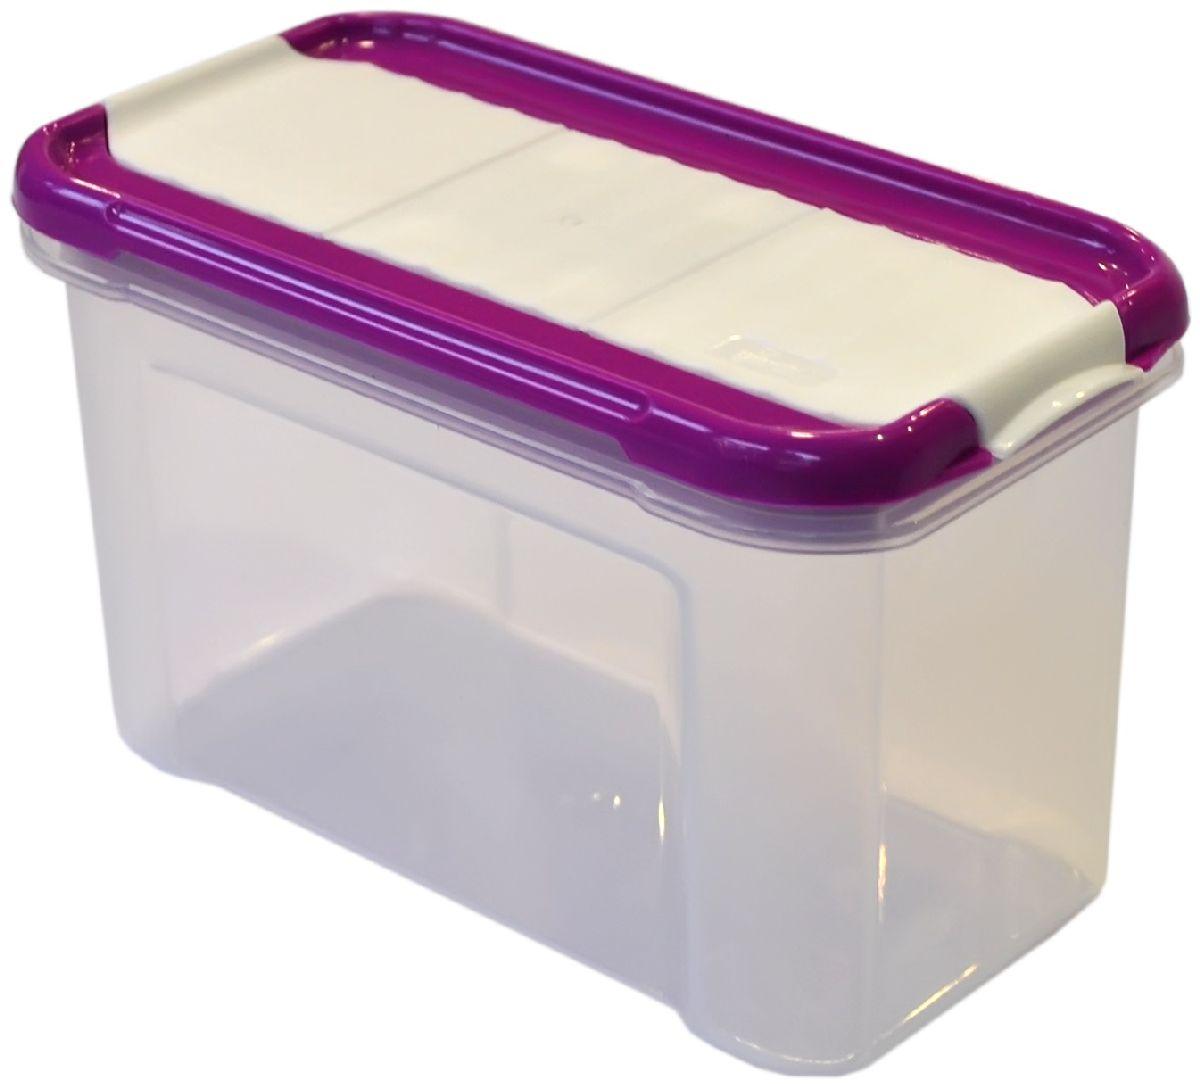 Банка для сыпучих продуктов Giaretti Krupa, с дозатором, цвет: черничный, прозрачный, 0,75 л21395599Банки для сыпучих продуктов предназначены для хранения круп, сахара, макаронных изделий, сладостей и т.п., в том числе для продуктов с ярким ароматом (специи и пр.). Строгая прямоугольная форма банок поможет Вам организовать пространство максимально комфортно, не теряя полезную площадь. При этом банки устанавливаются одна на другую, что способствует экономии пространства в Вашем шкафу. Плотная крышка не пропускает запахи, и они не смешиваются в Вашем шкафу. Благодаря разнообразным отверстиям в дозаторе, Вам будет удобно насыпать как мелкие, так и крупные сыпучие продукты, что сделает процесс приготовления пищи проще.